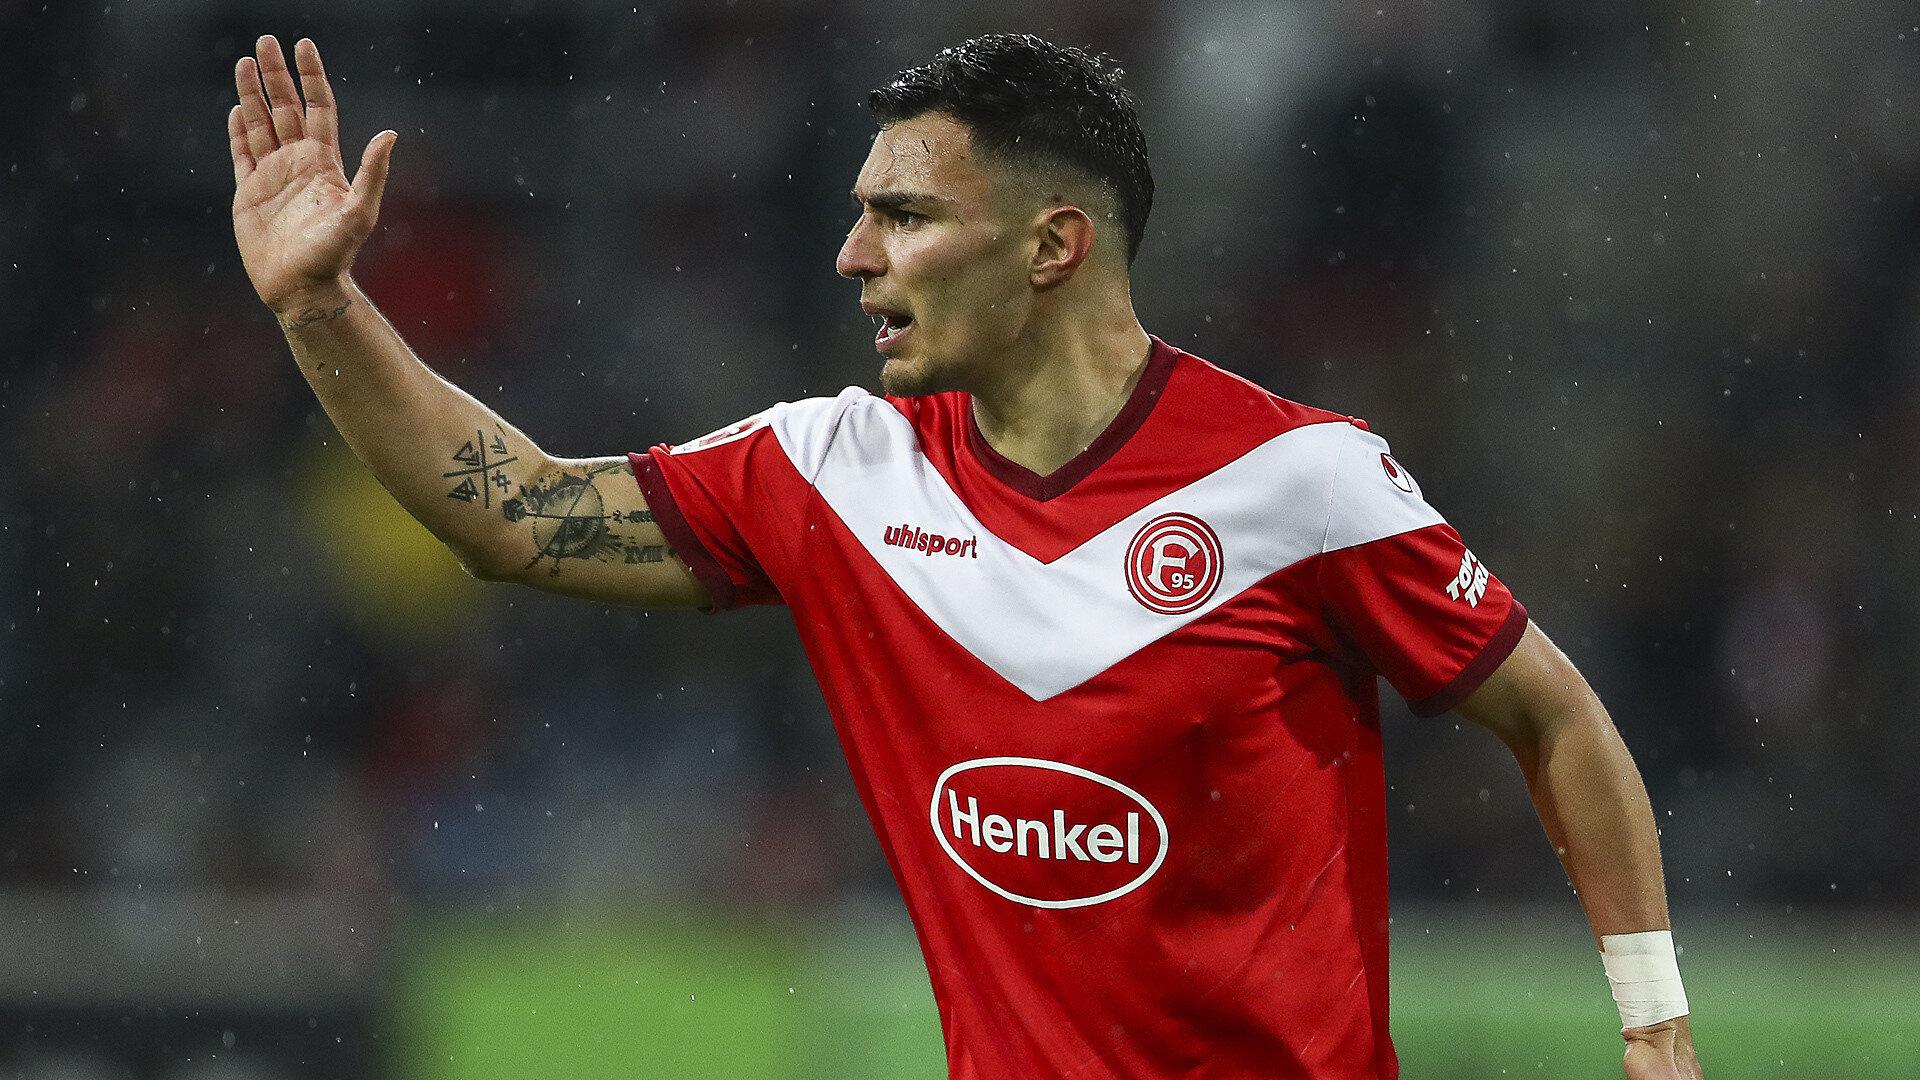 Kaan Ayhan bu sezon Bundesliga'da çıktığı 31 maçta 2 gol atarken, 3 de asist kaydetti.